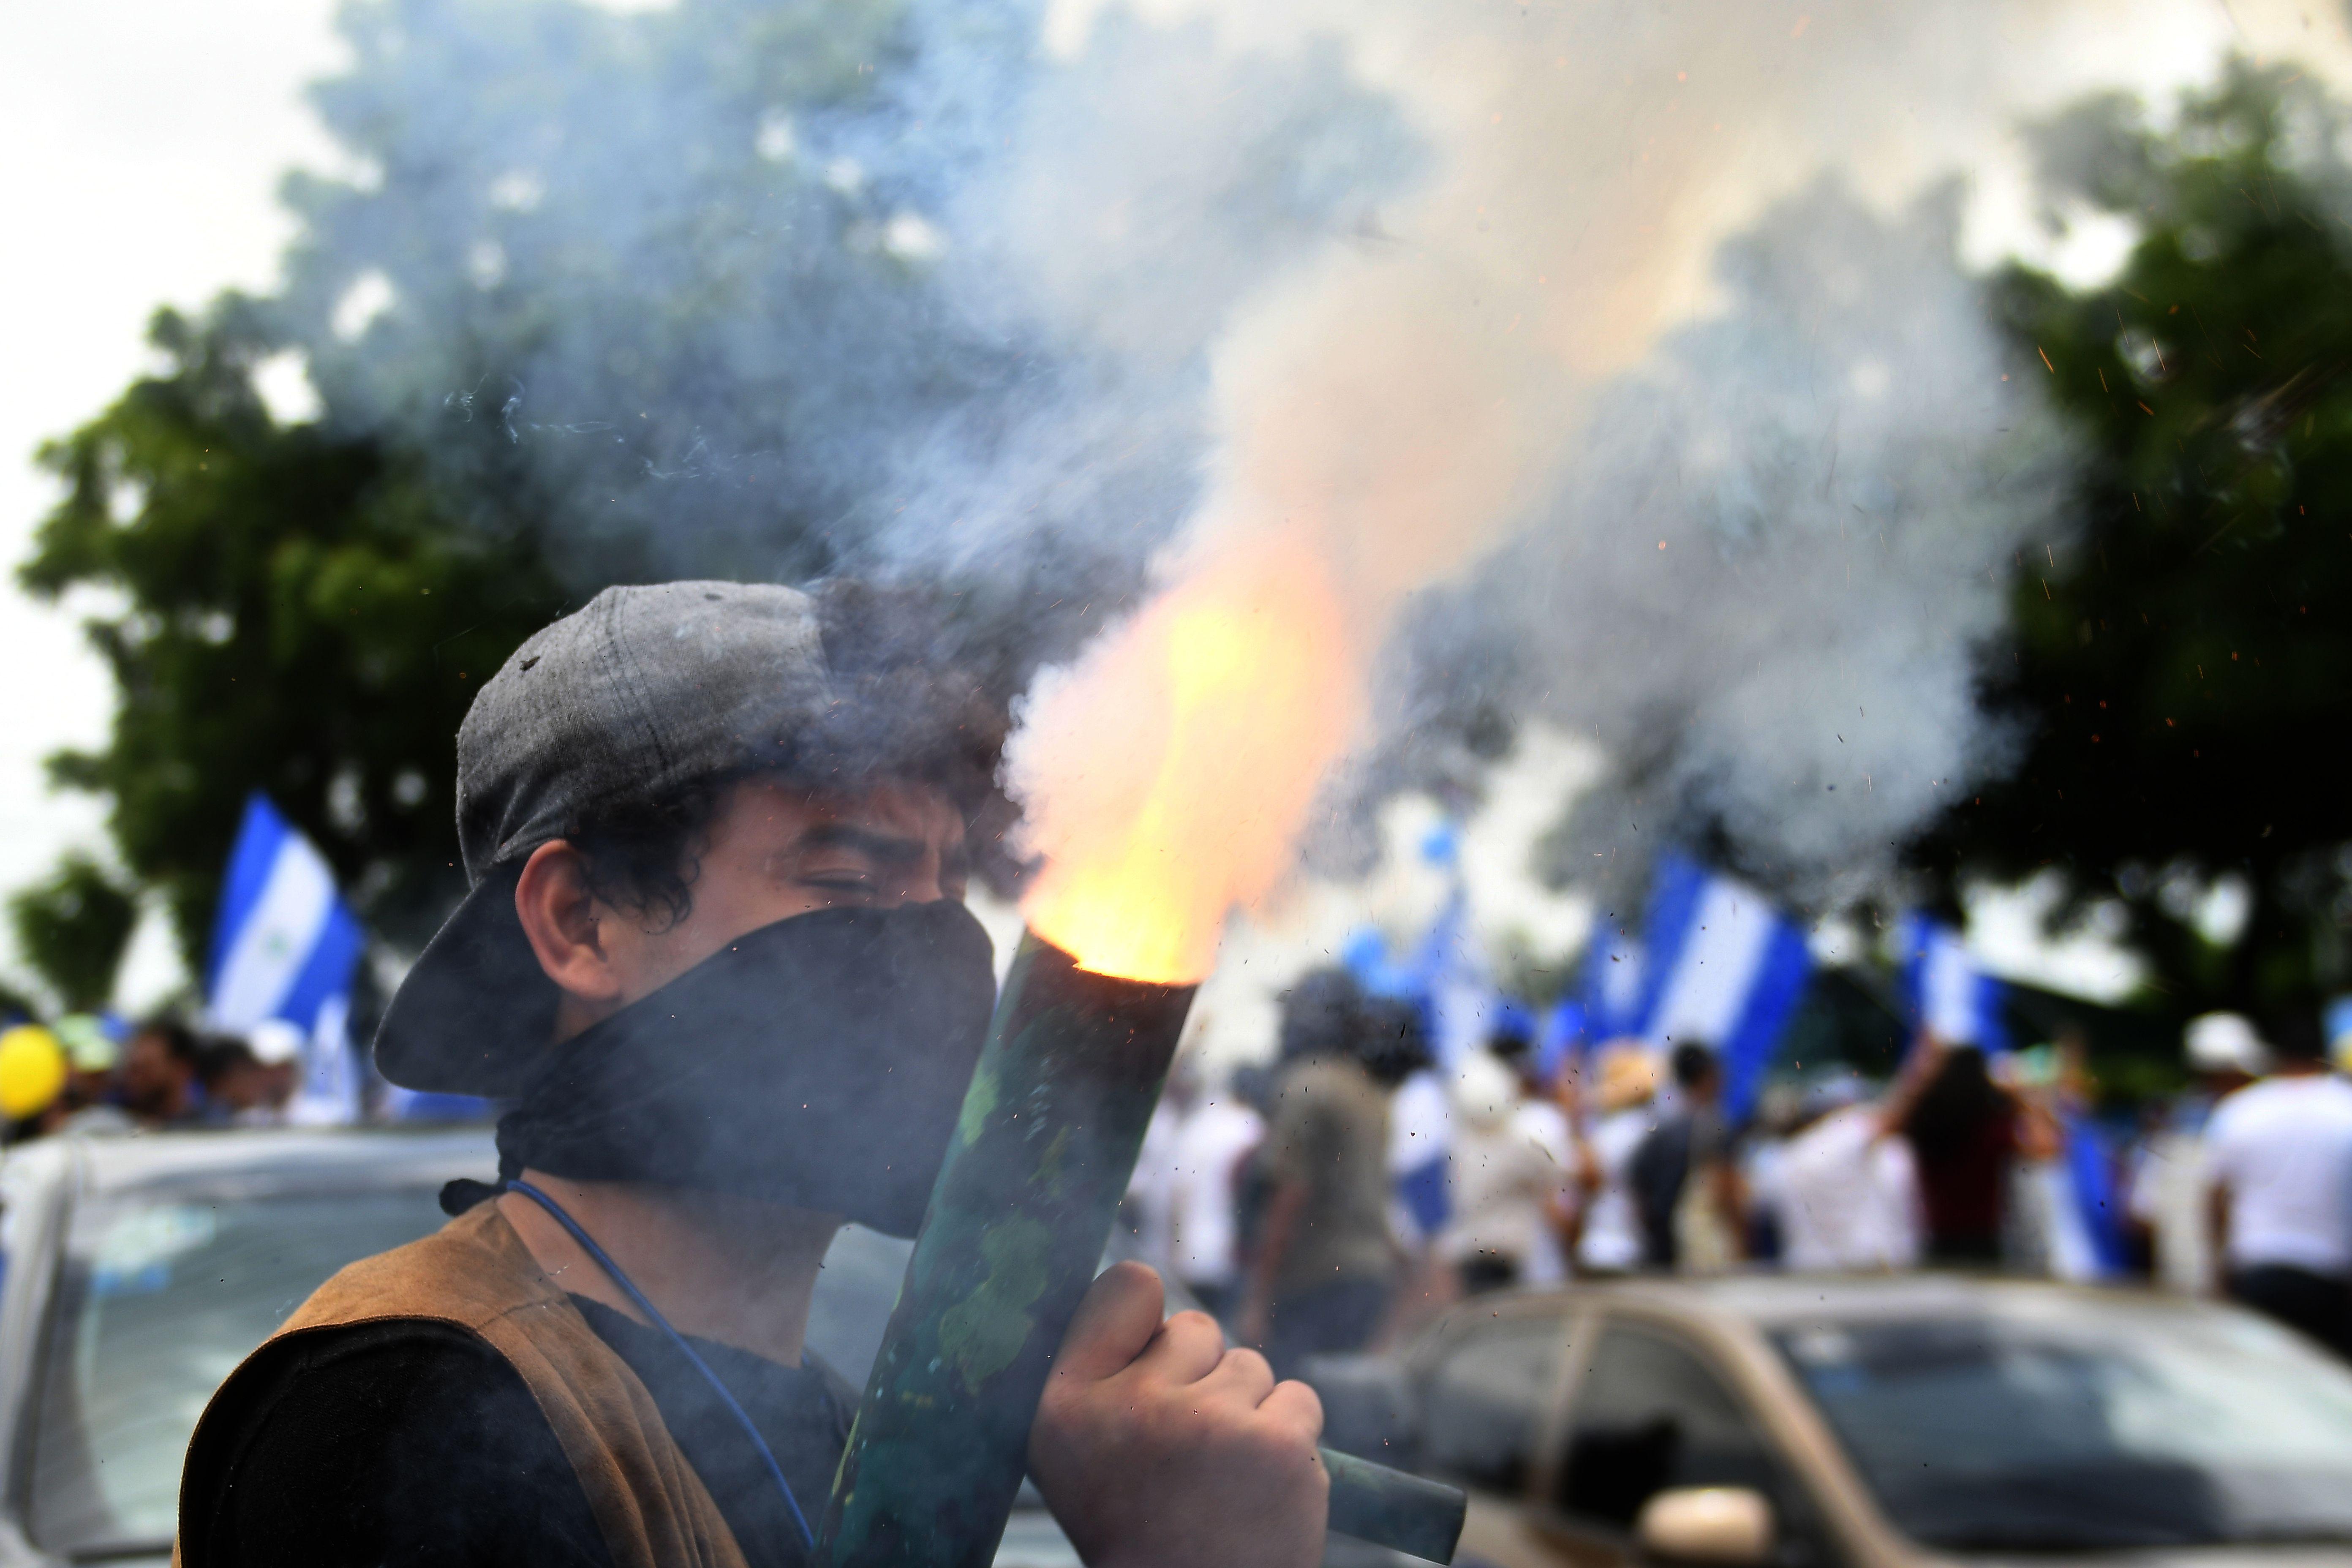 متظاهر يطلق قذيفة خلال الاحتجاجات